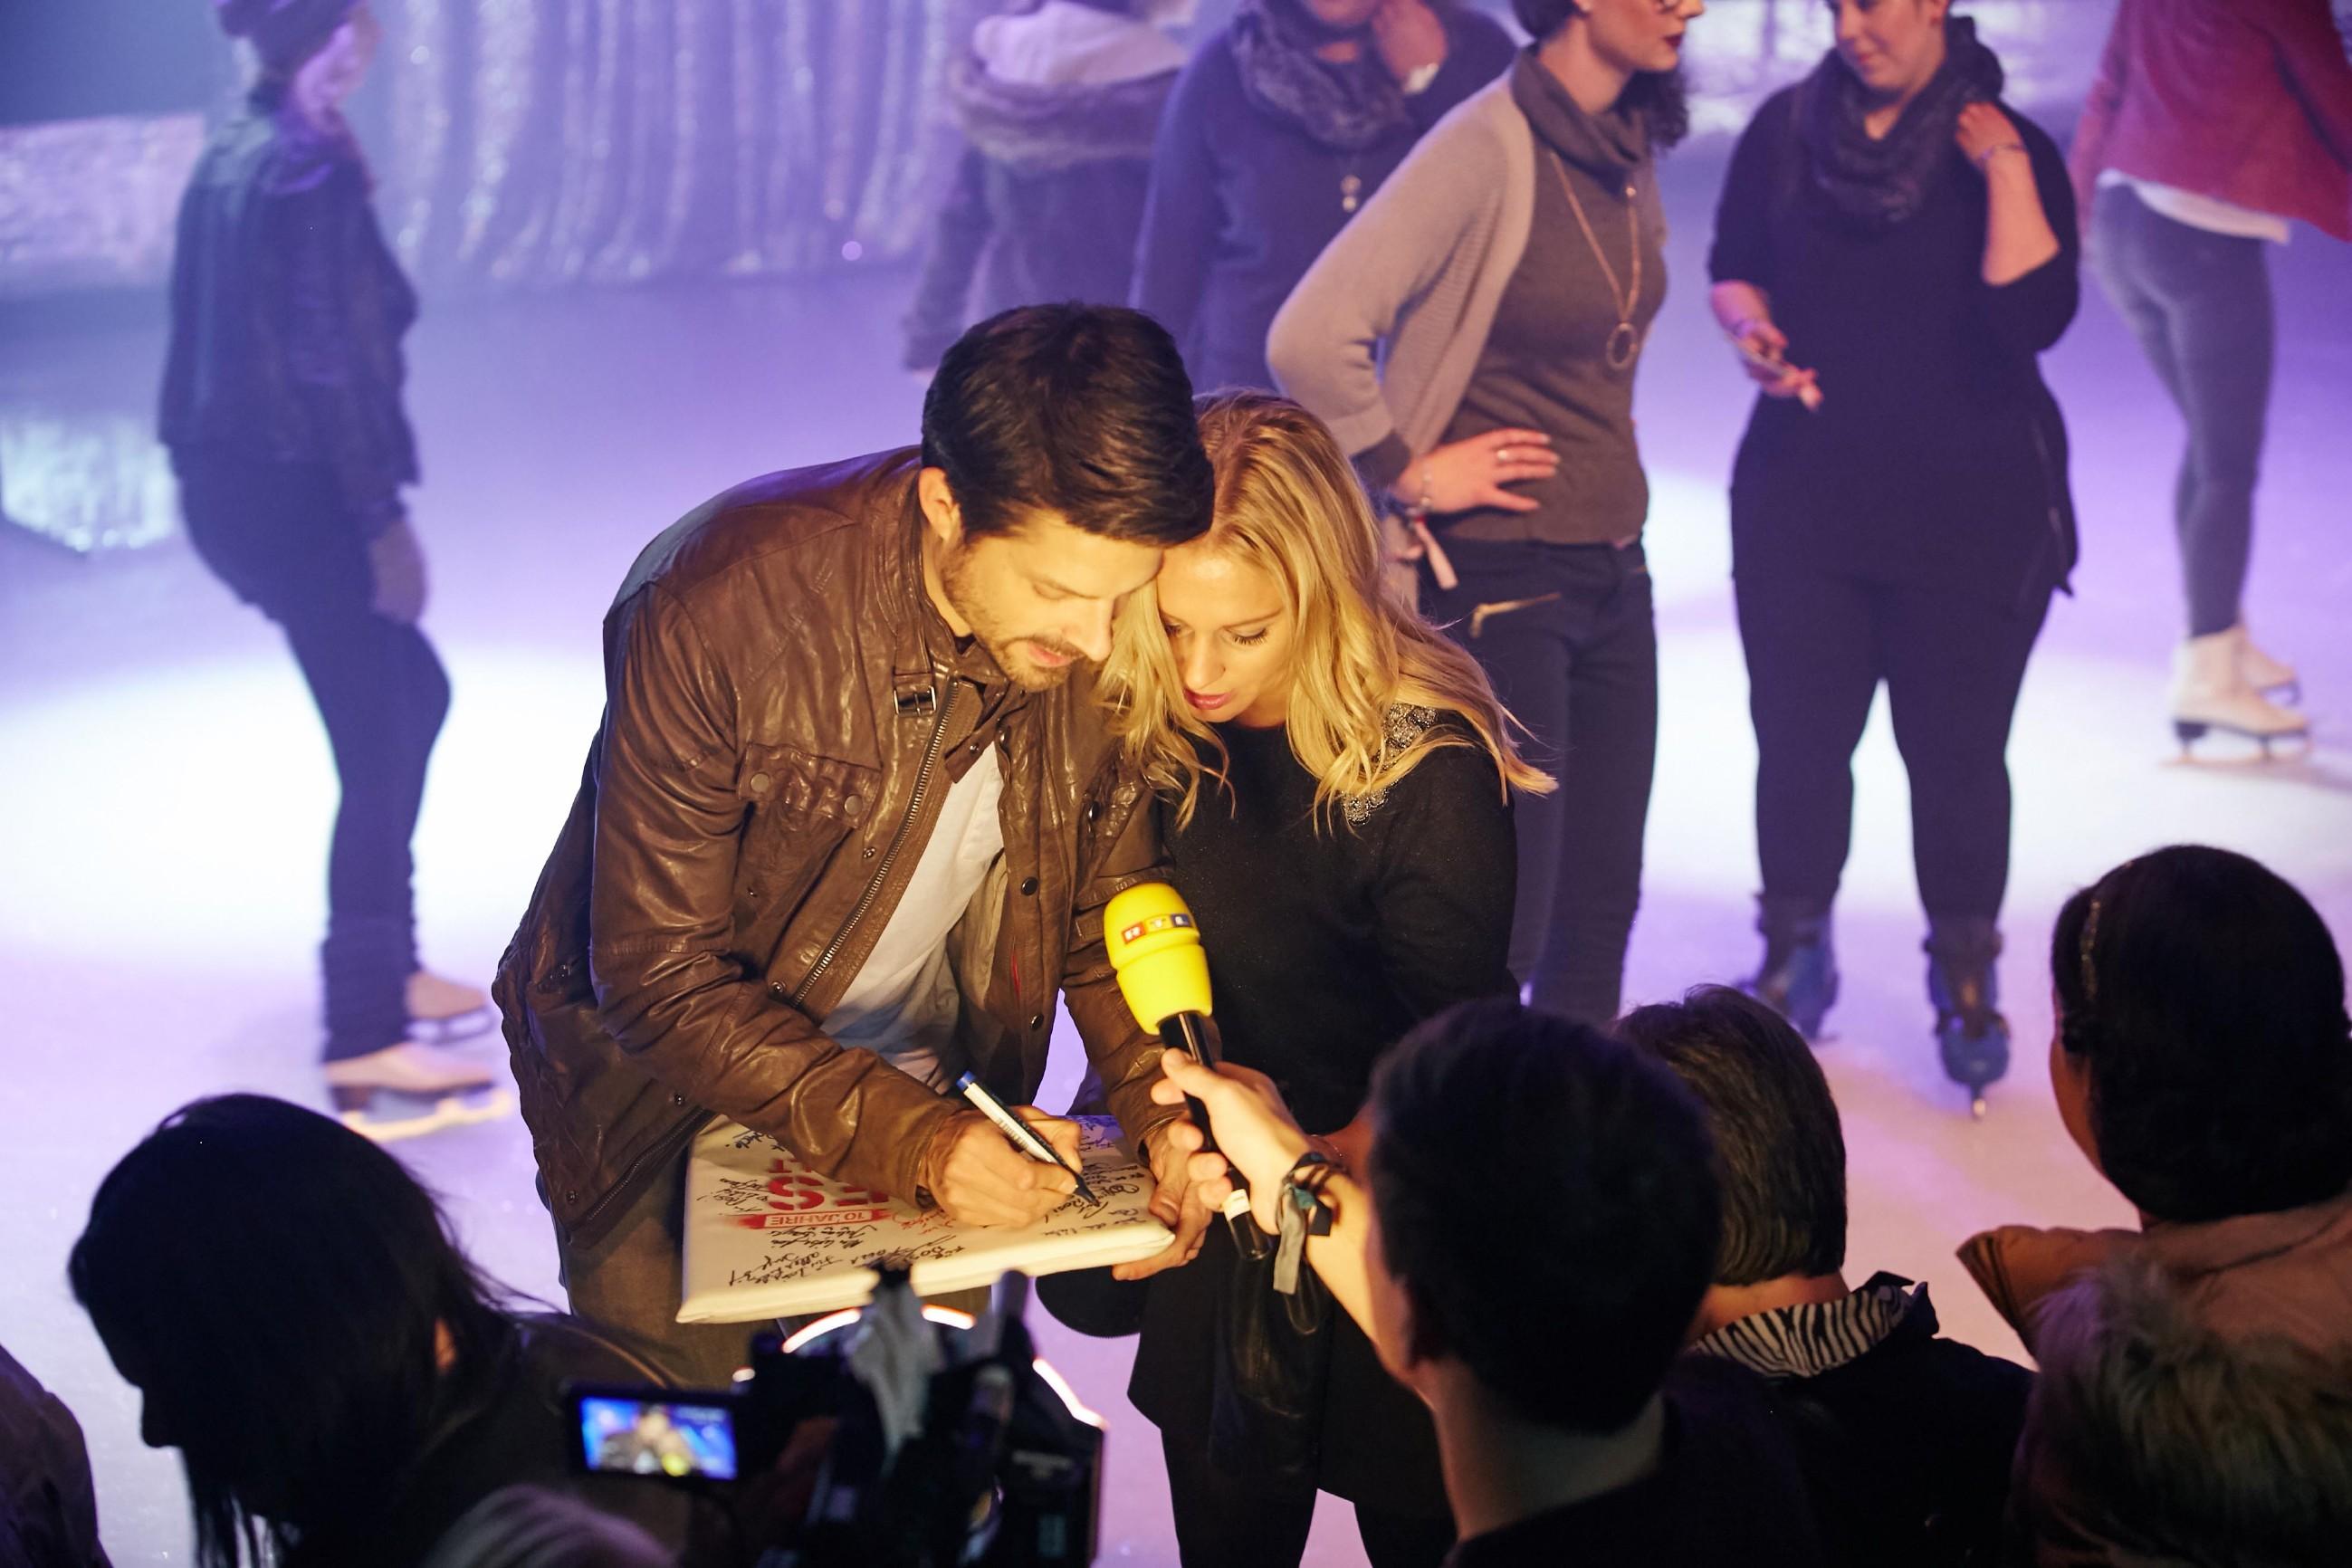 Daniel Buder und Juliette Greco verteilen Autogramme an die Fans.